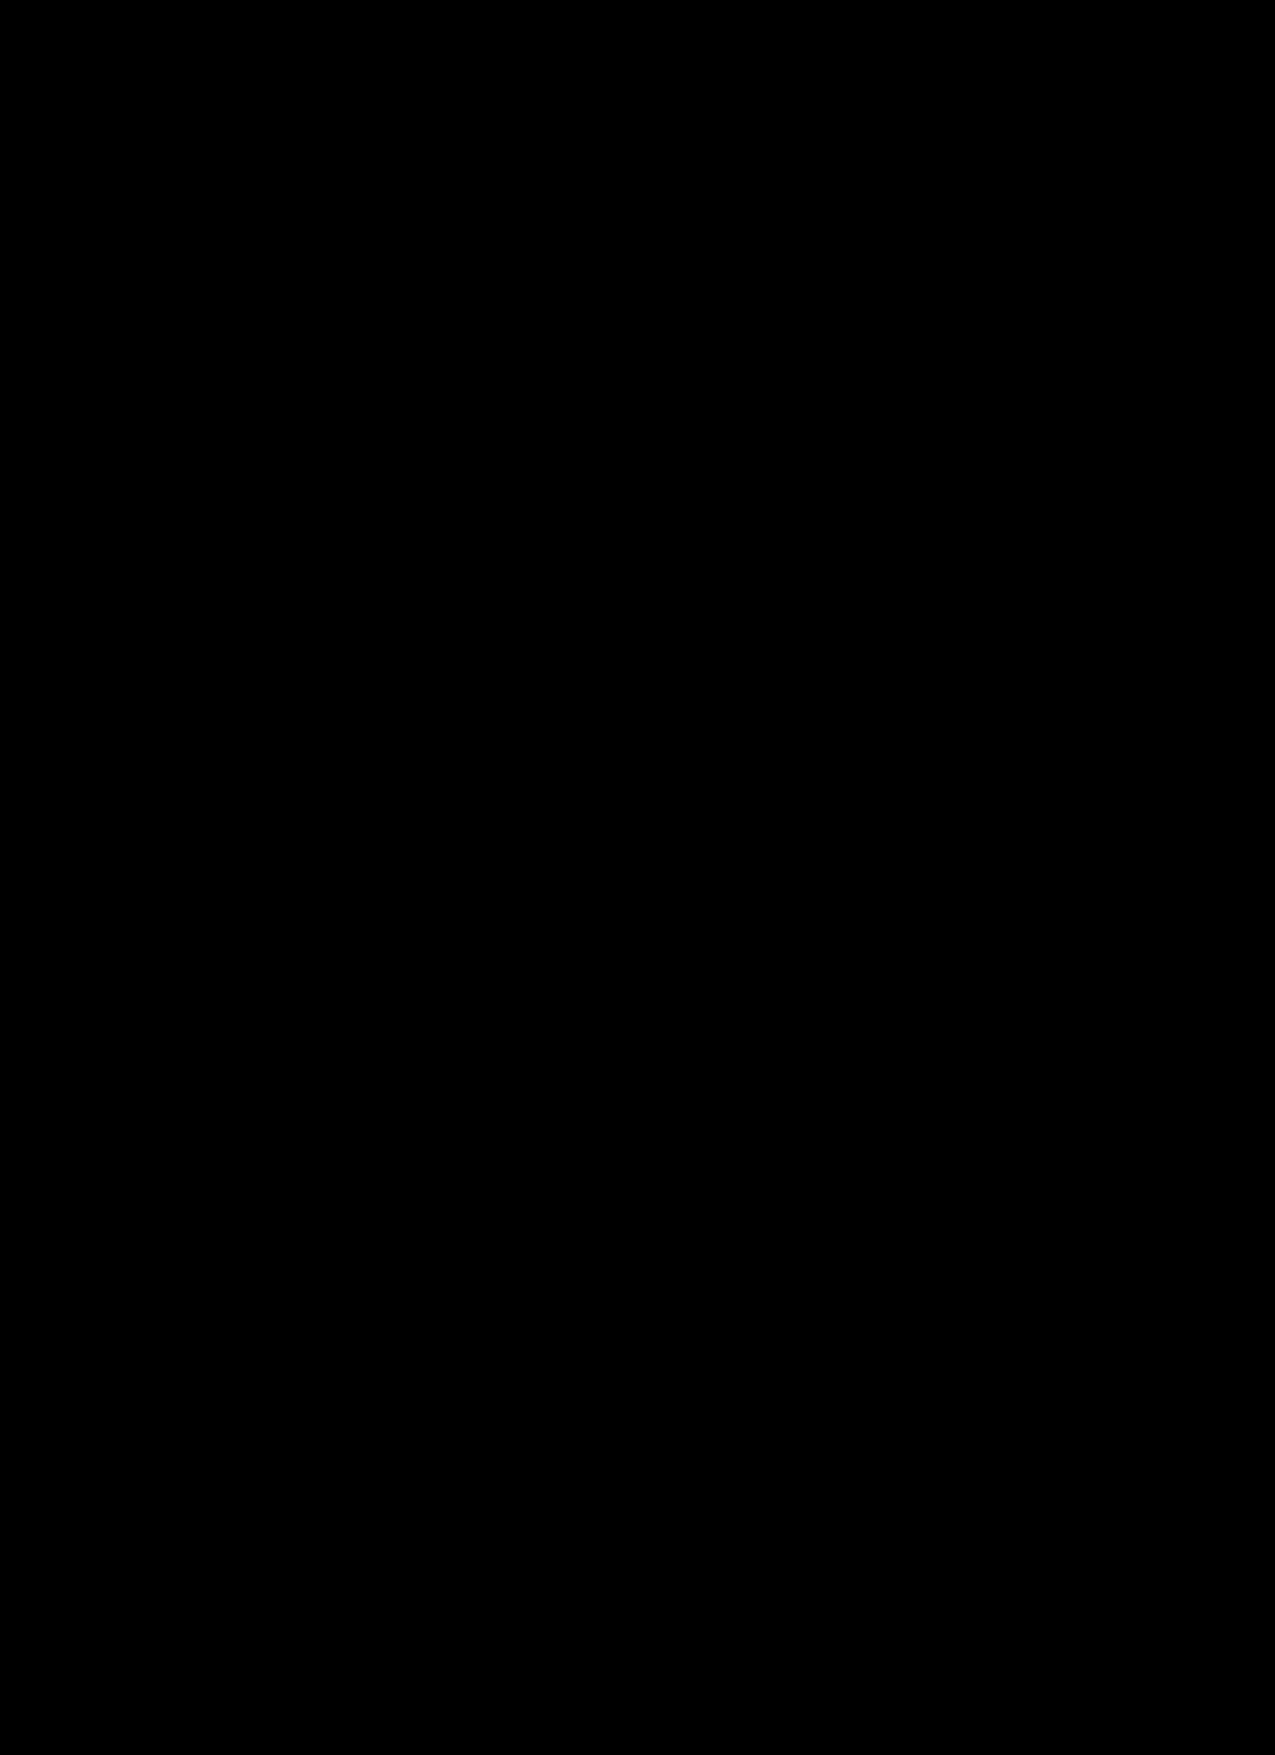 Business license of Liveinmuine.com